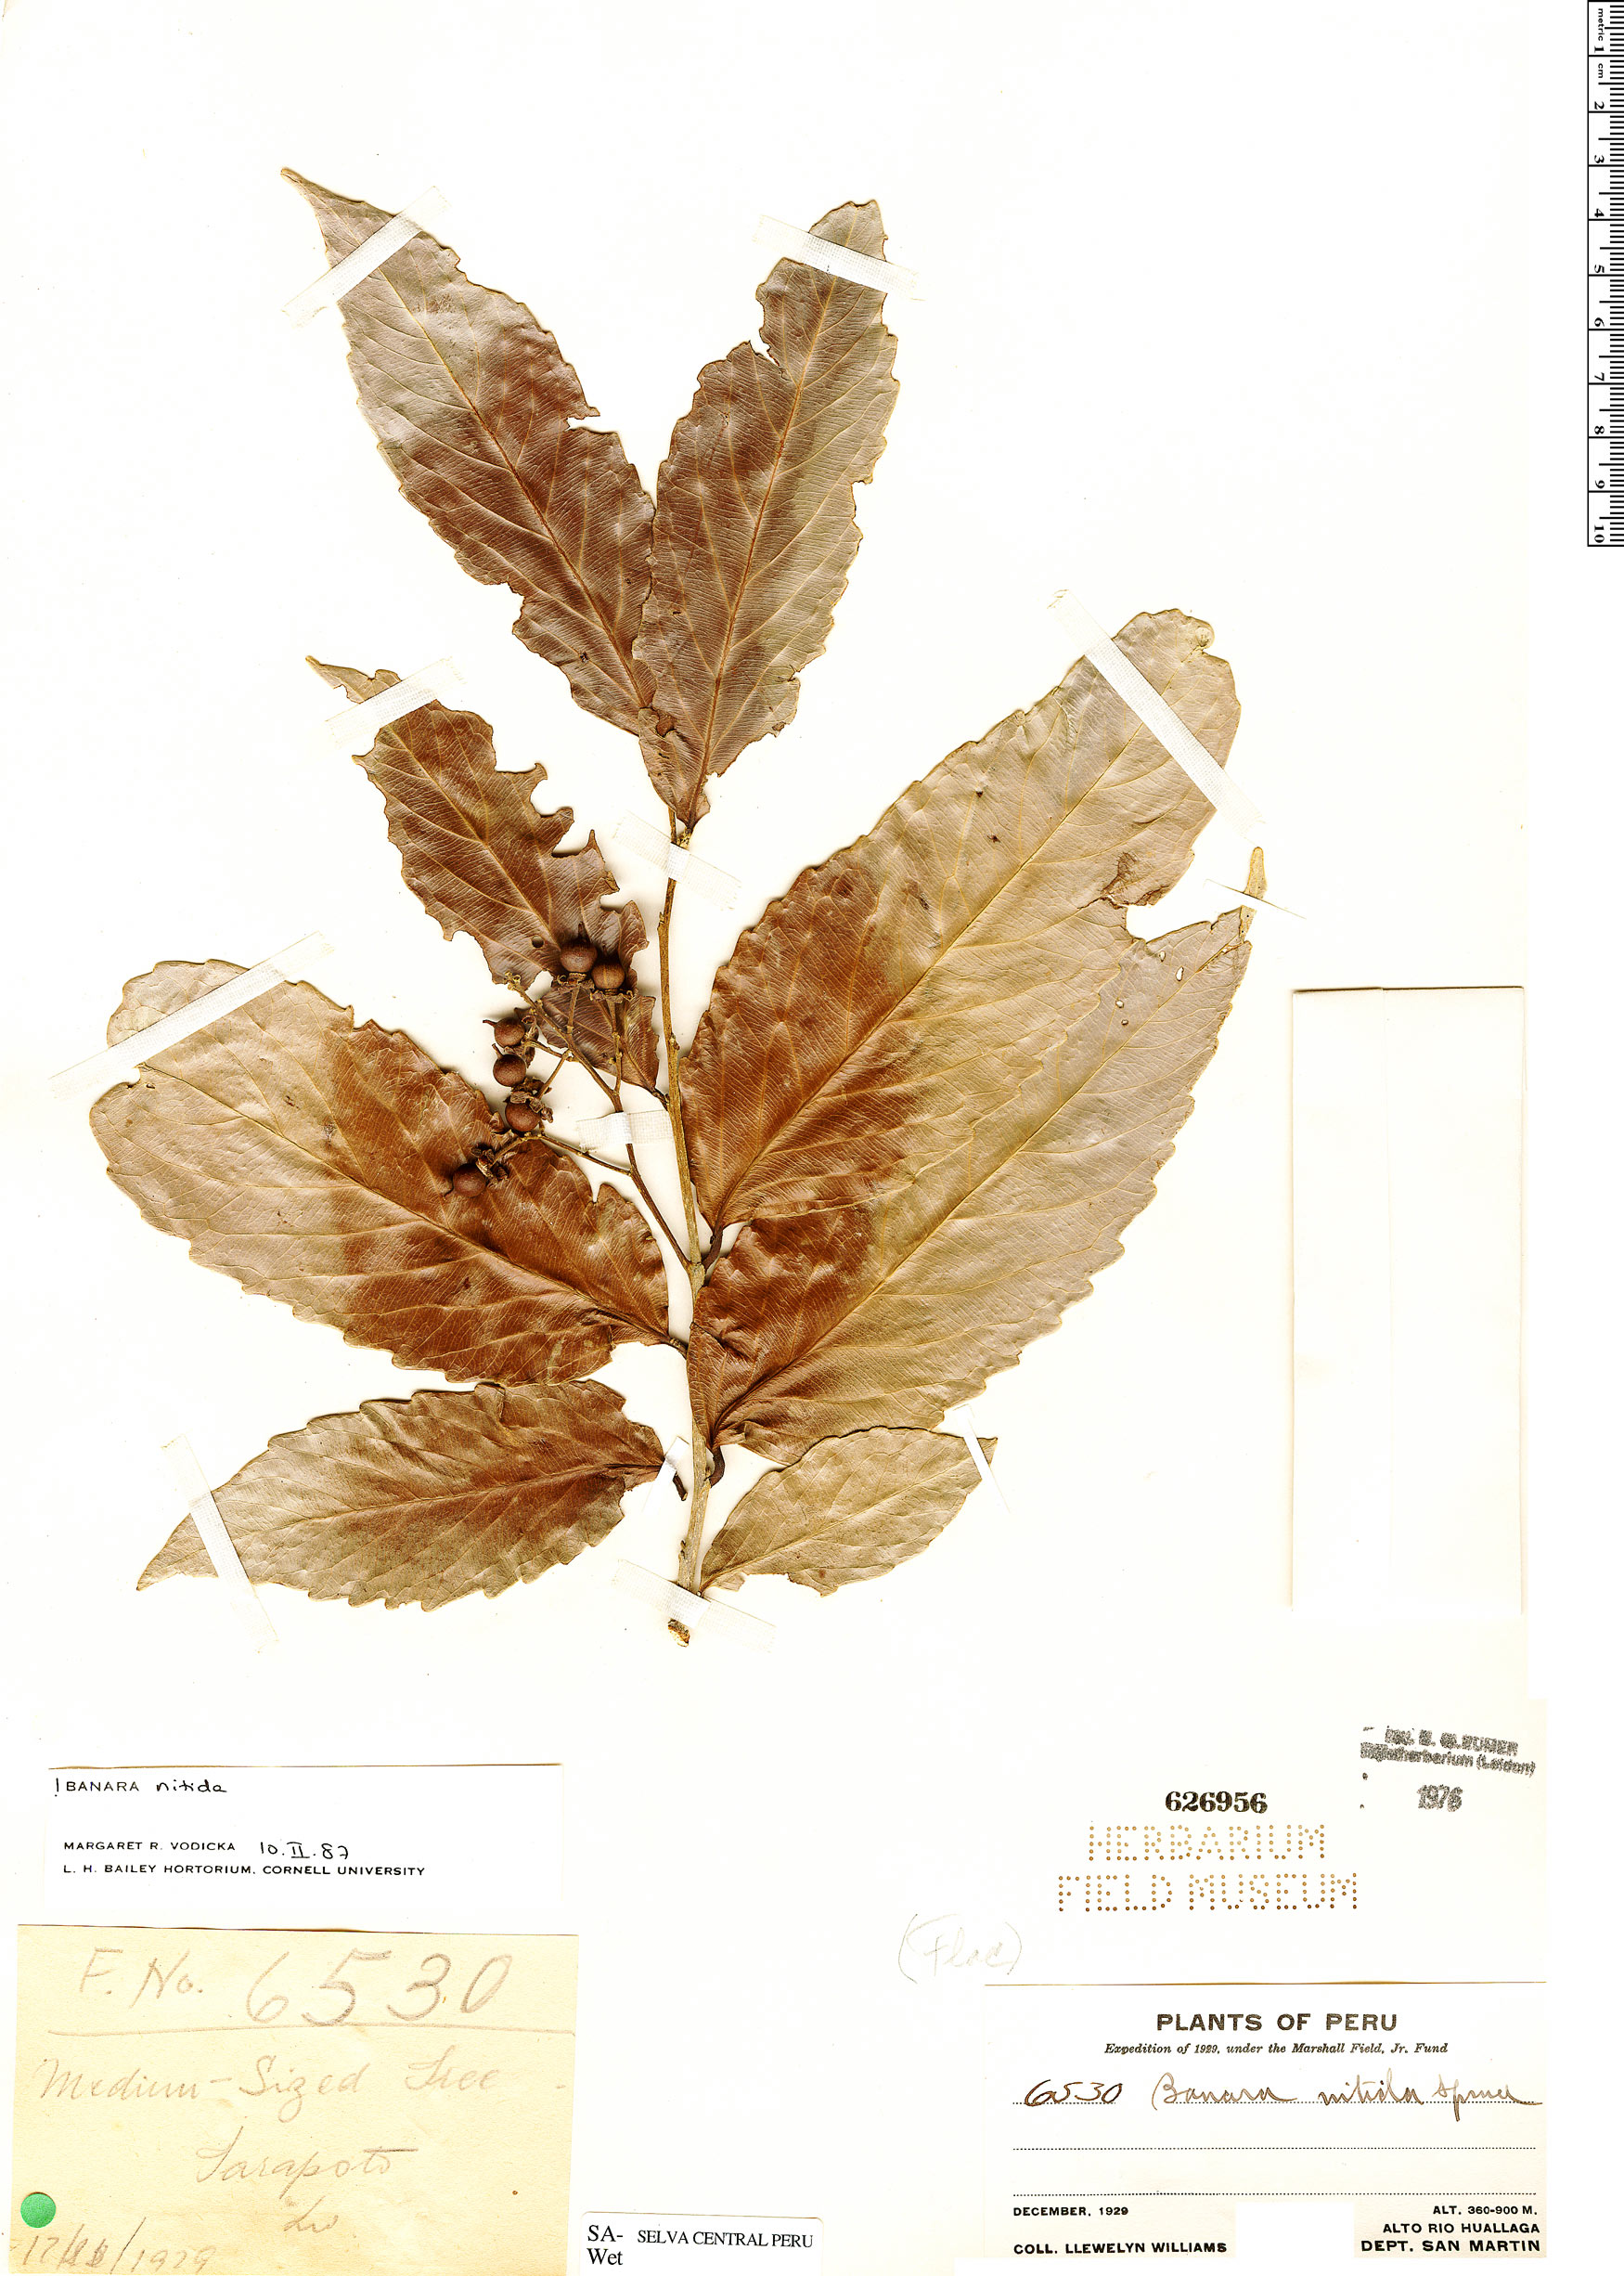 Specimen: Banara nitida